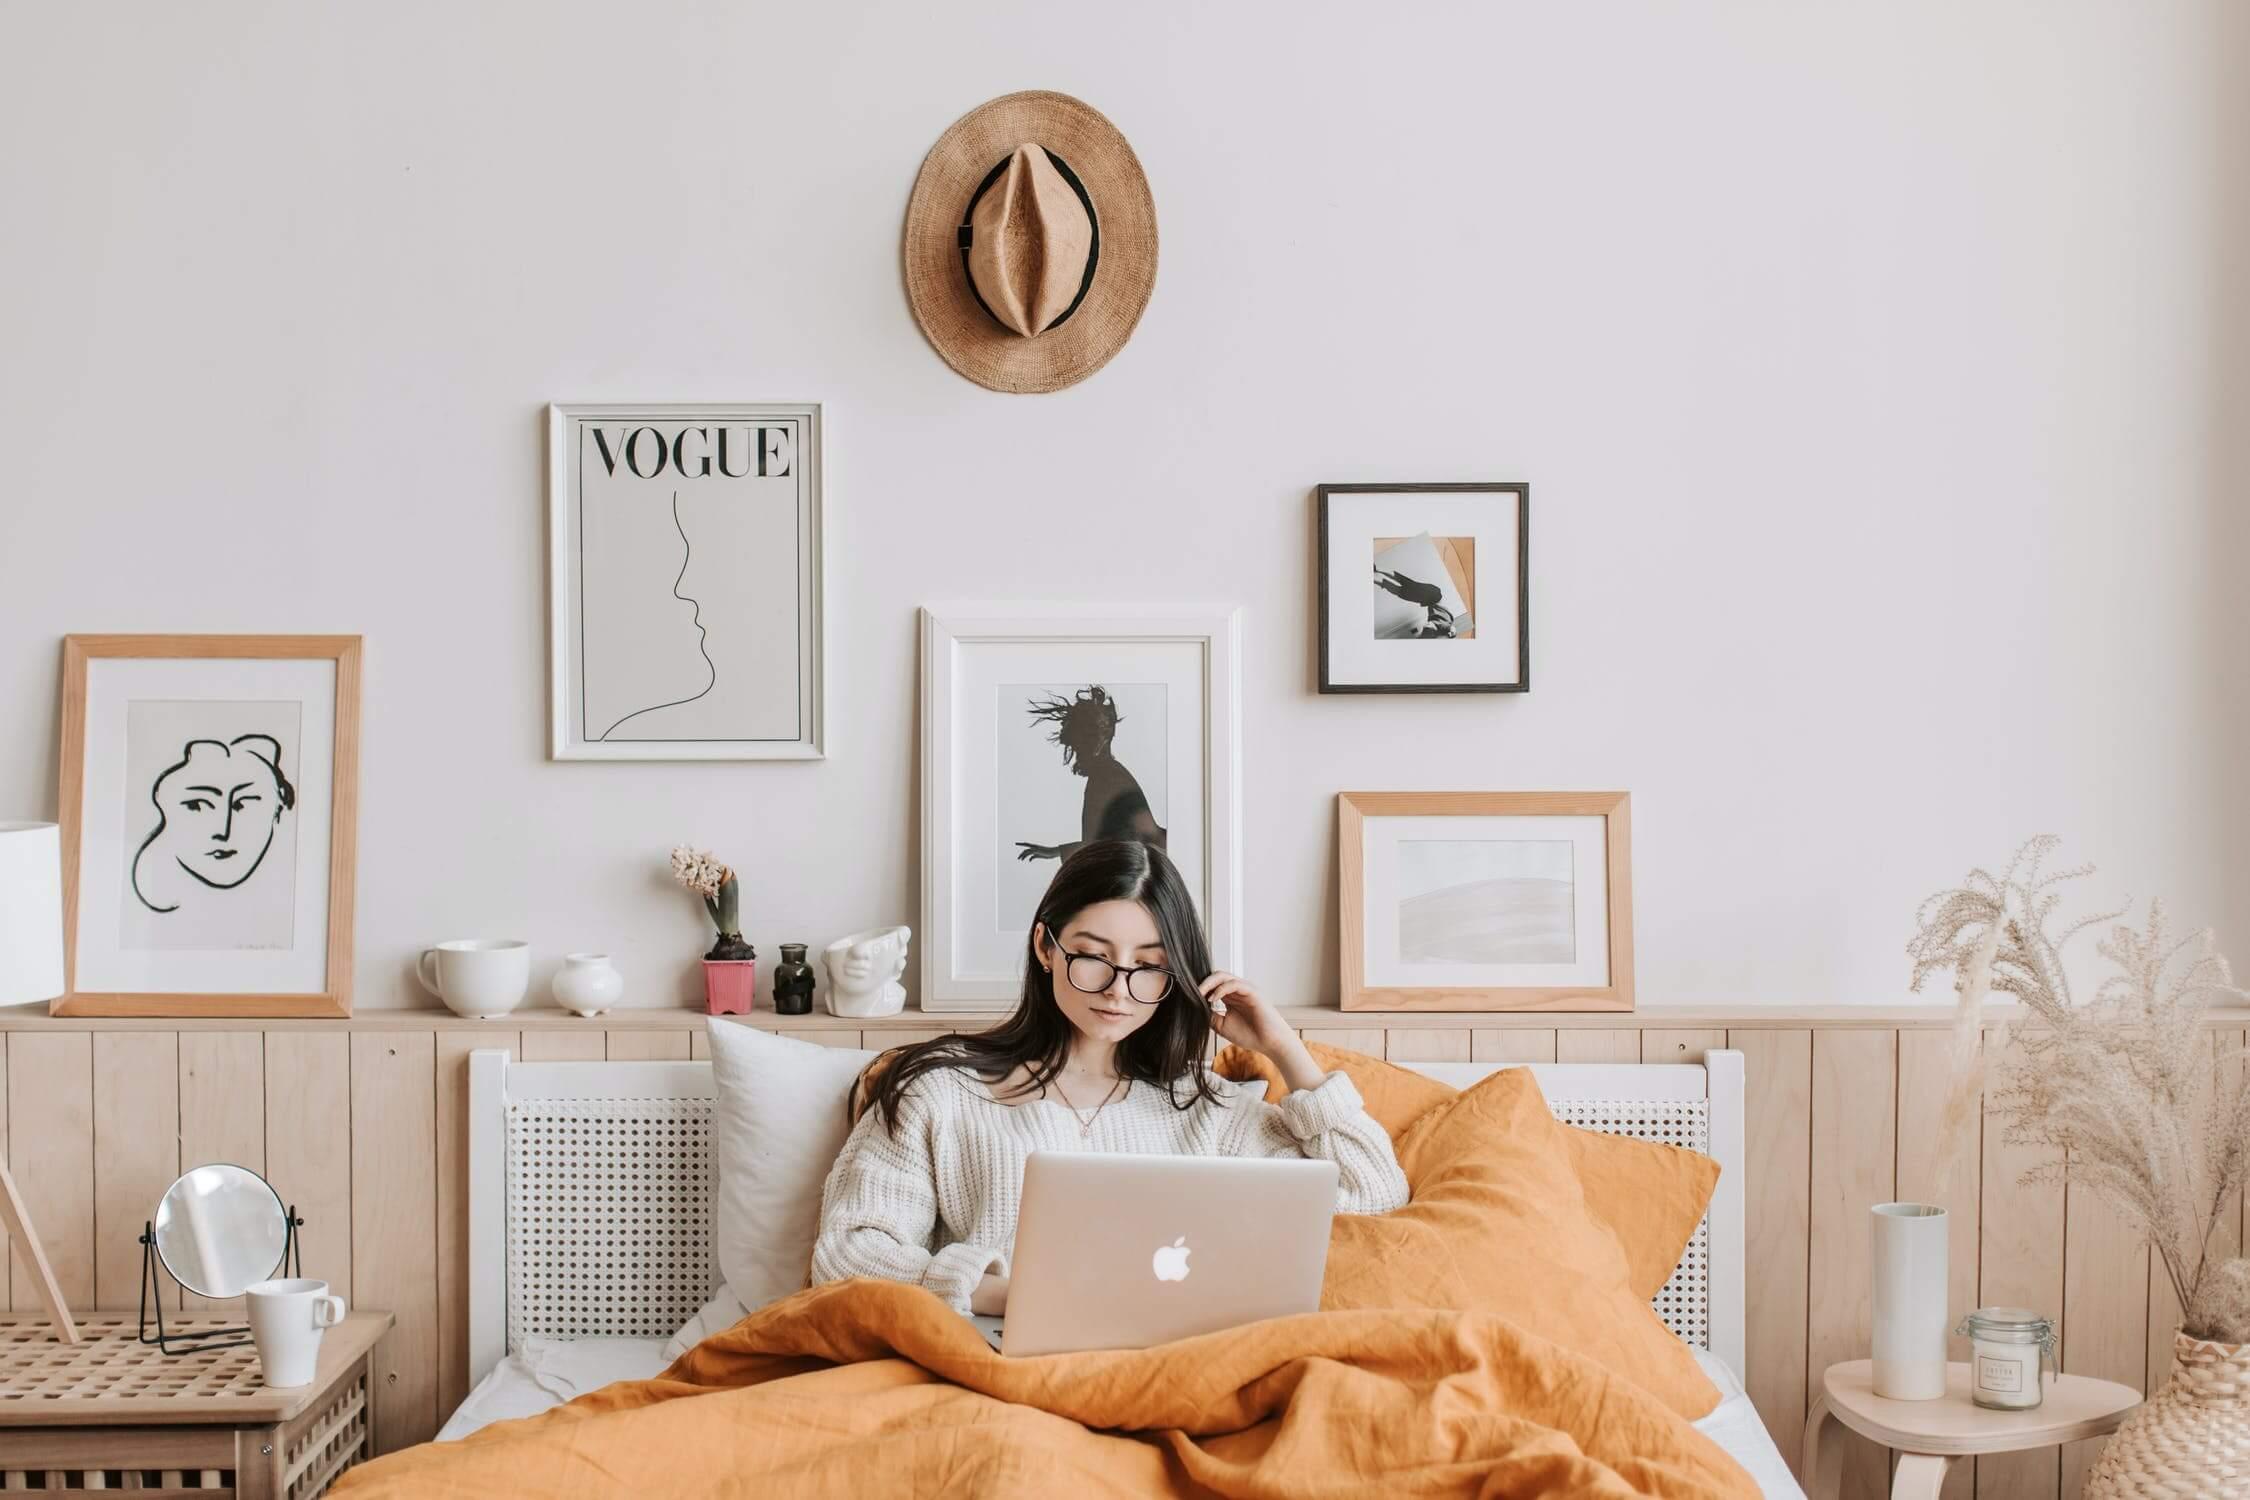 Tendencias en interiorismo, trabajar desde casa, crear un espacio fijo como zona de trabajo más confortable. #AnaUtrillainteirorismoamedida #Diseñoparaelbienestar